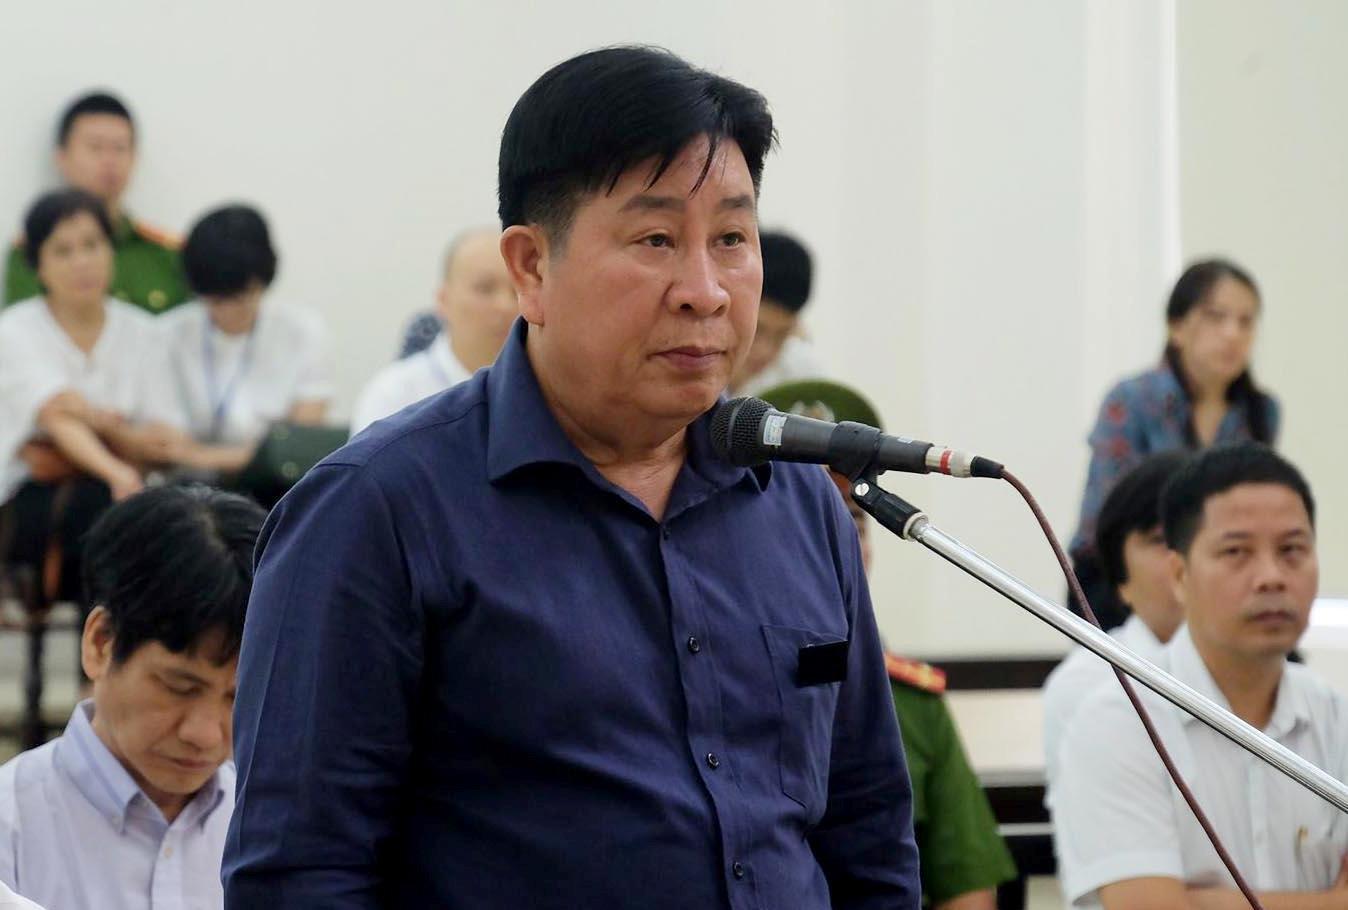 Cựu thứ trưởng Trần Việt Tân: 'Tôi tin cấp dưới nên ký không kiểm tra' Ảnh 3